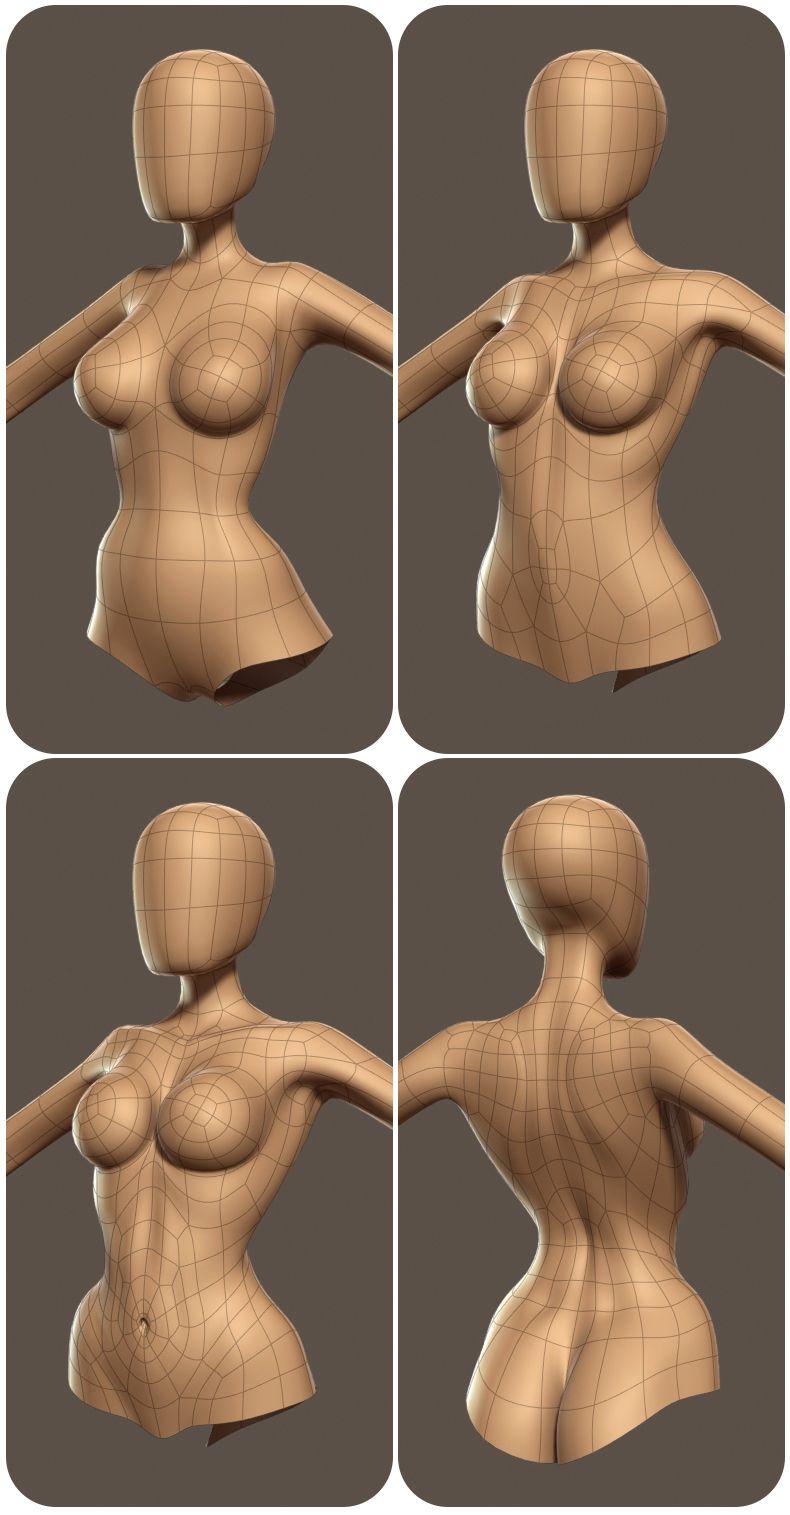 Escultura cuerpo femenino | arte 3d | Pinterest | Escultura, Cuerpo ...